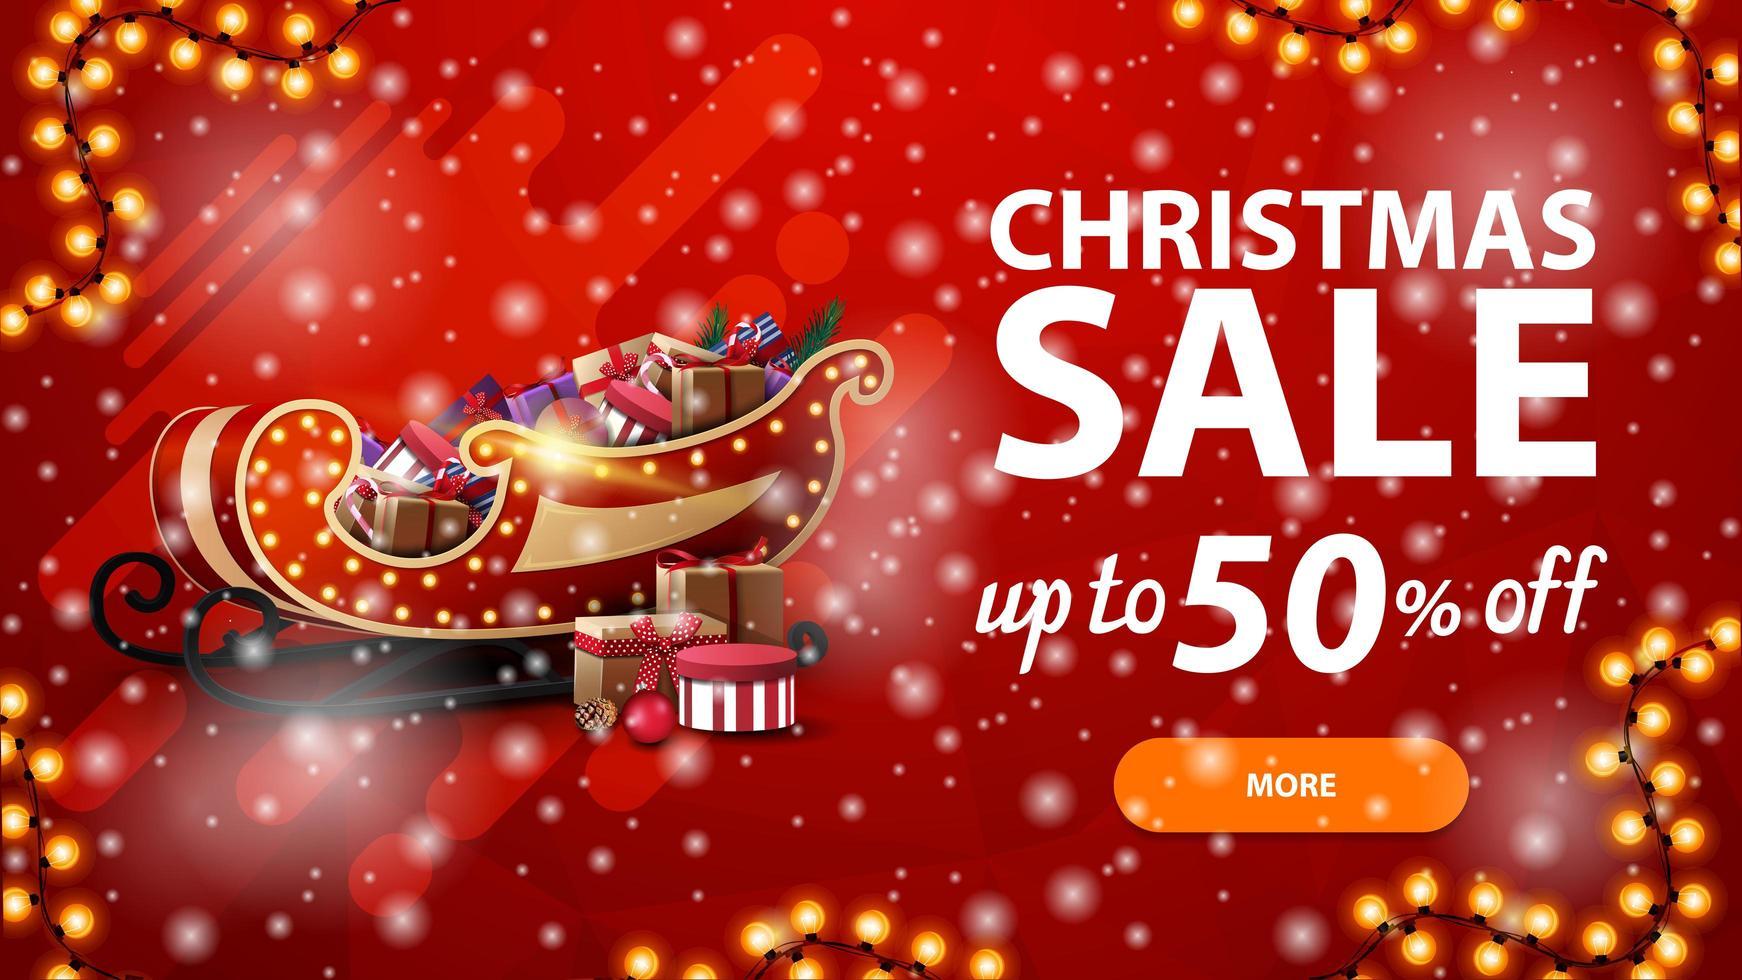 vente de Noël, jusqu'à 50 rabais, bannière de réduction rouge avec guirlande, chute de neige et traîneau du père Noël avec des cadeaux vecteur